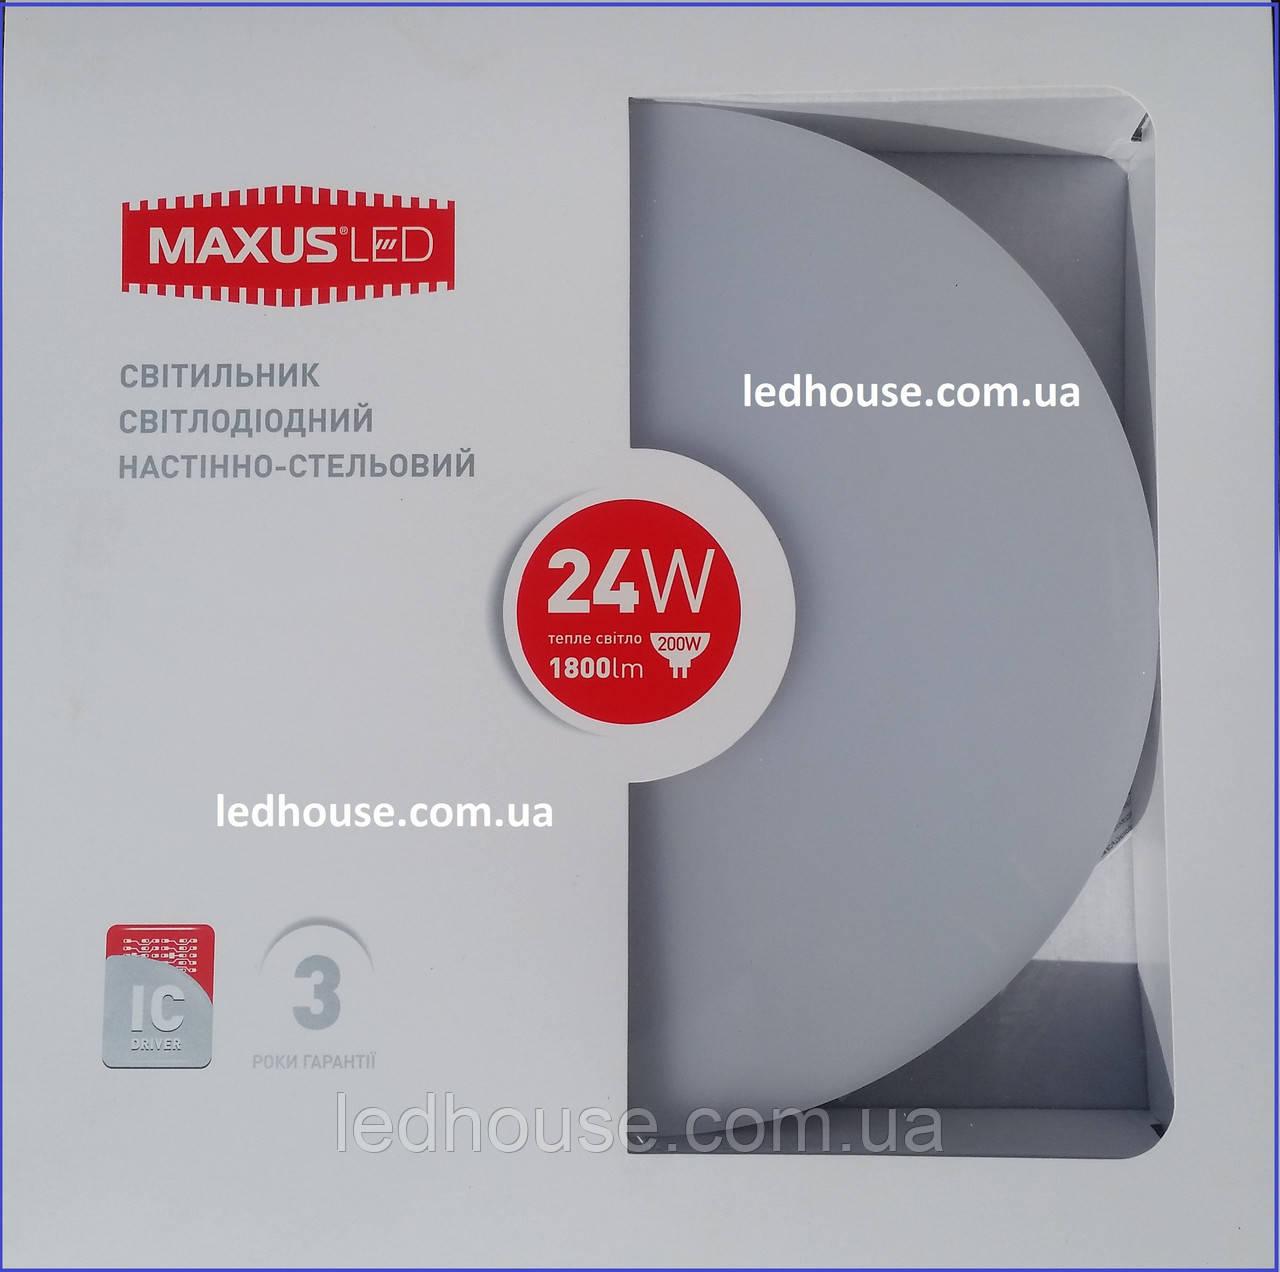 Светильник настенно-потолочный MAXUS LED 24W яркий свет